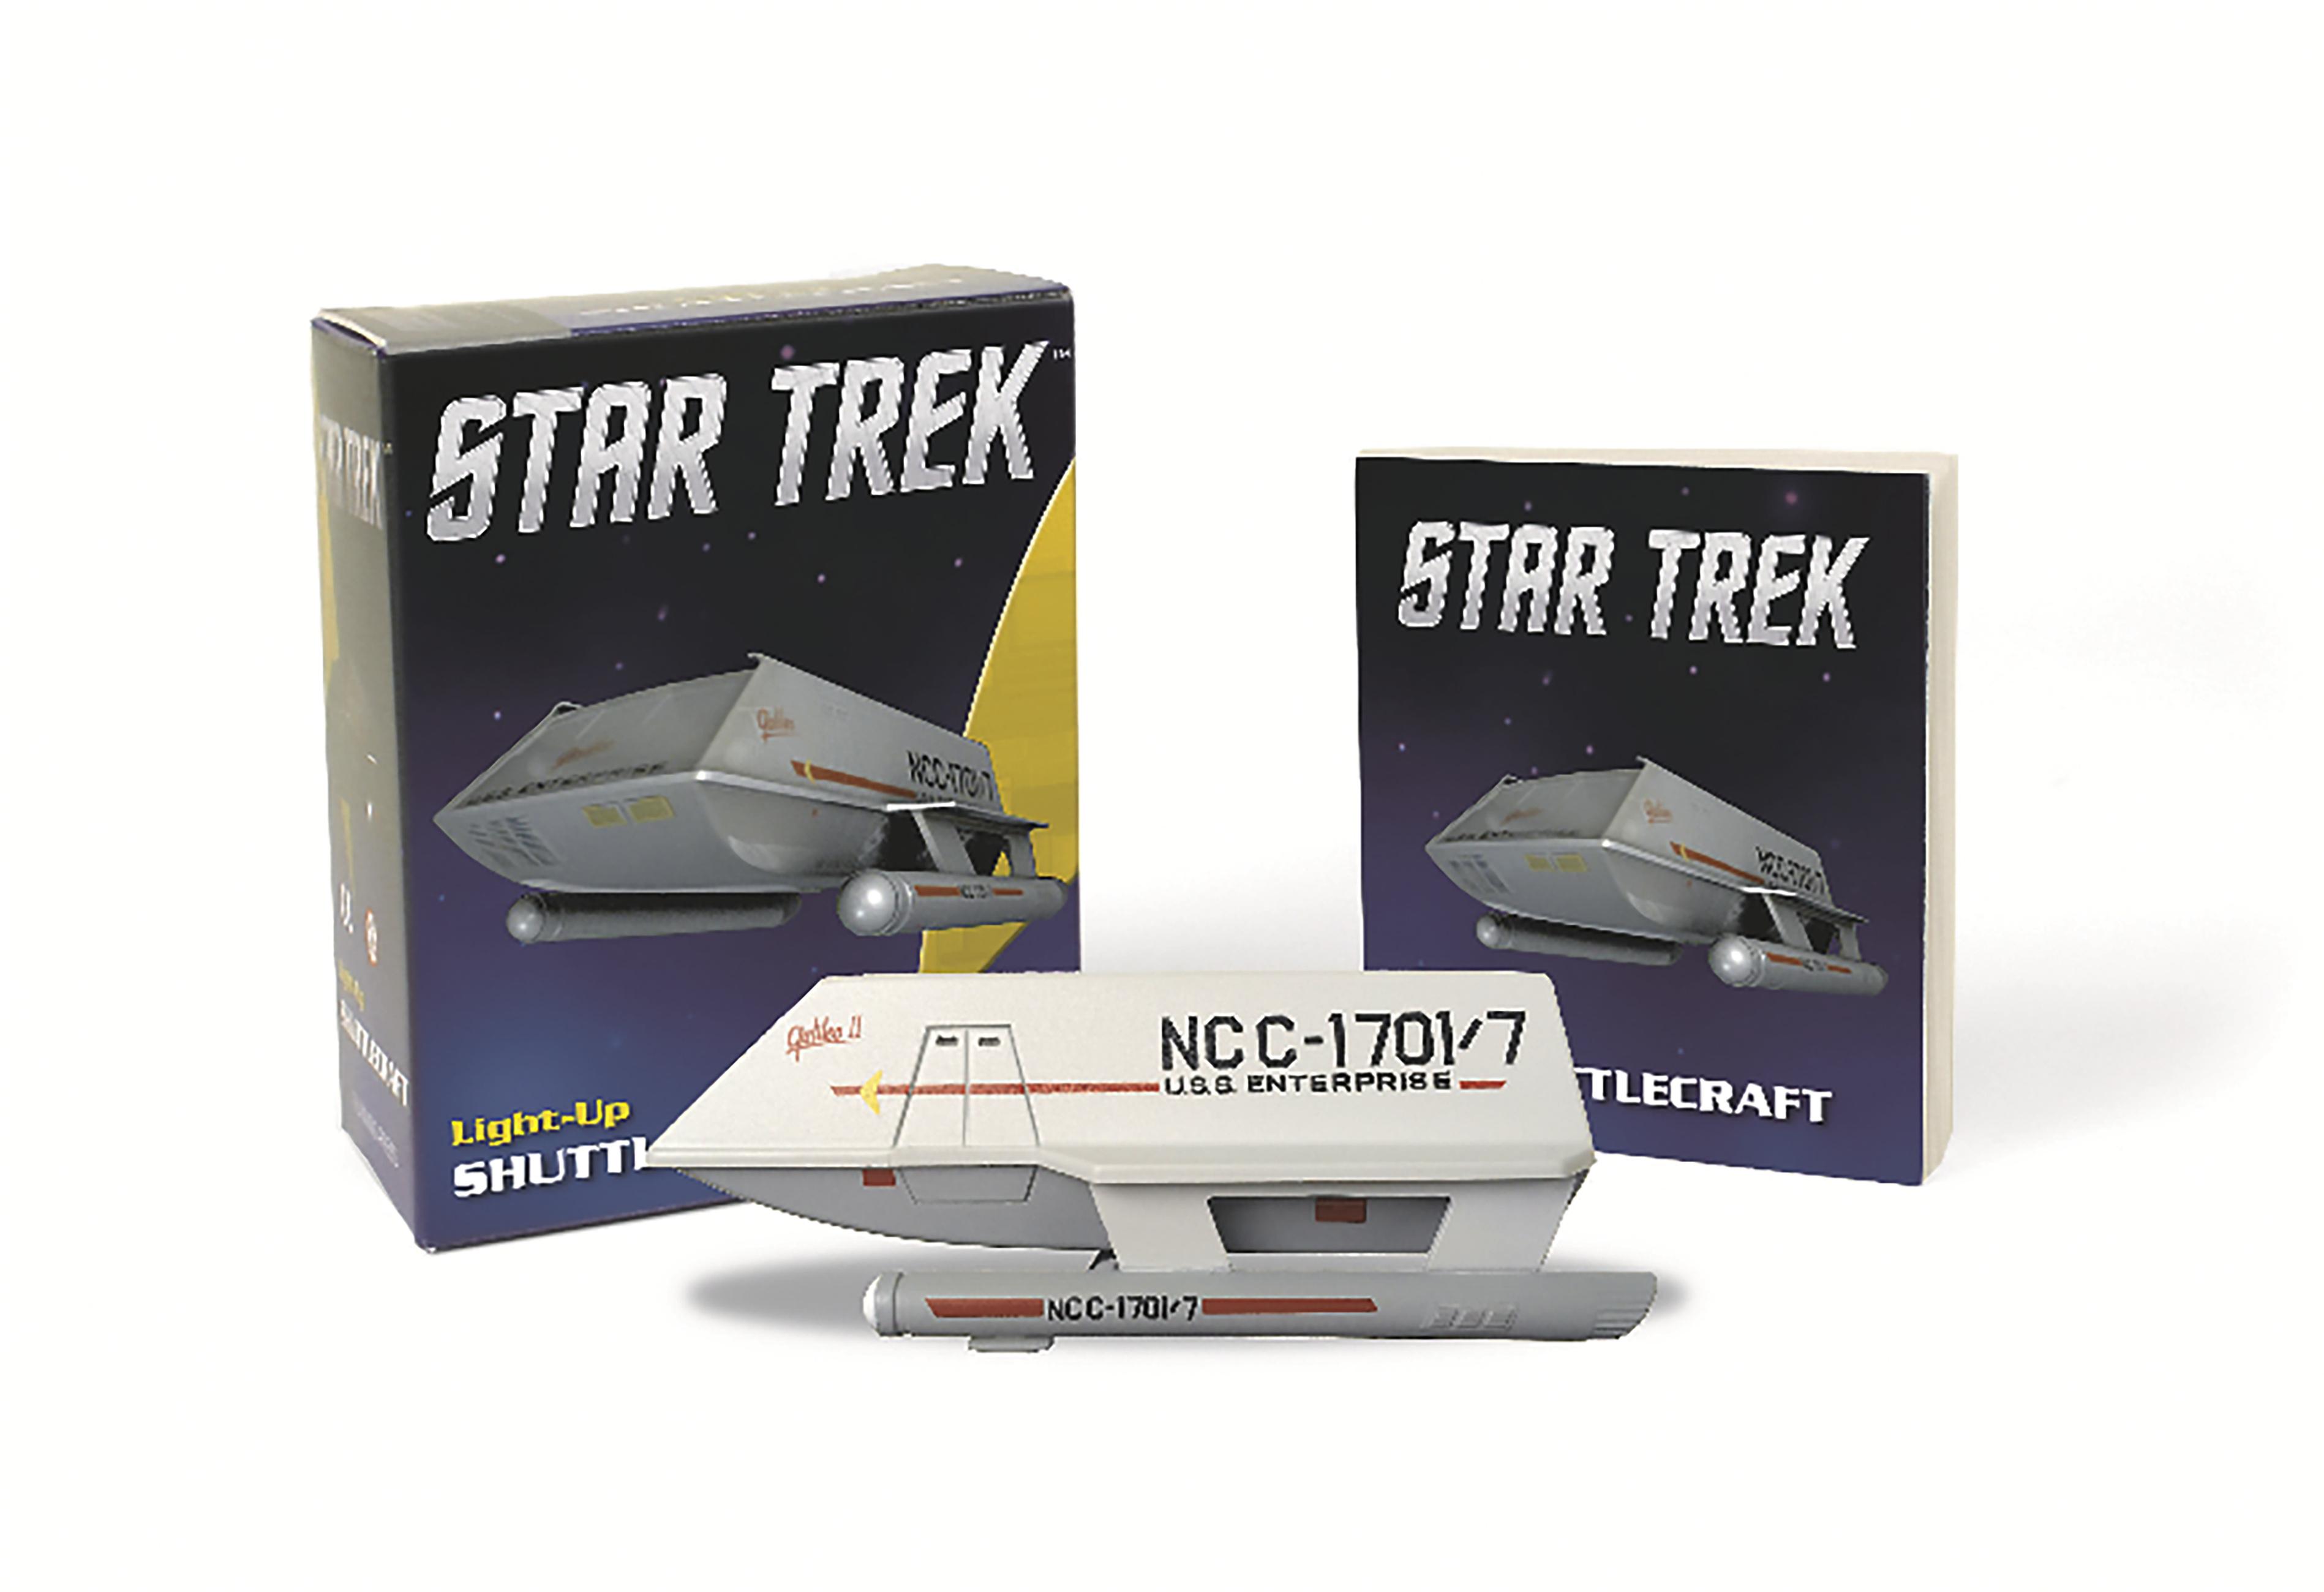 Star Trek: Light-Up Shuttlecraft by Chip Carter | Running